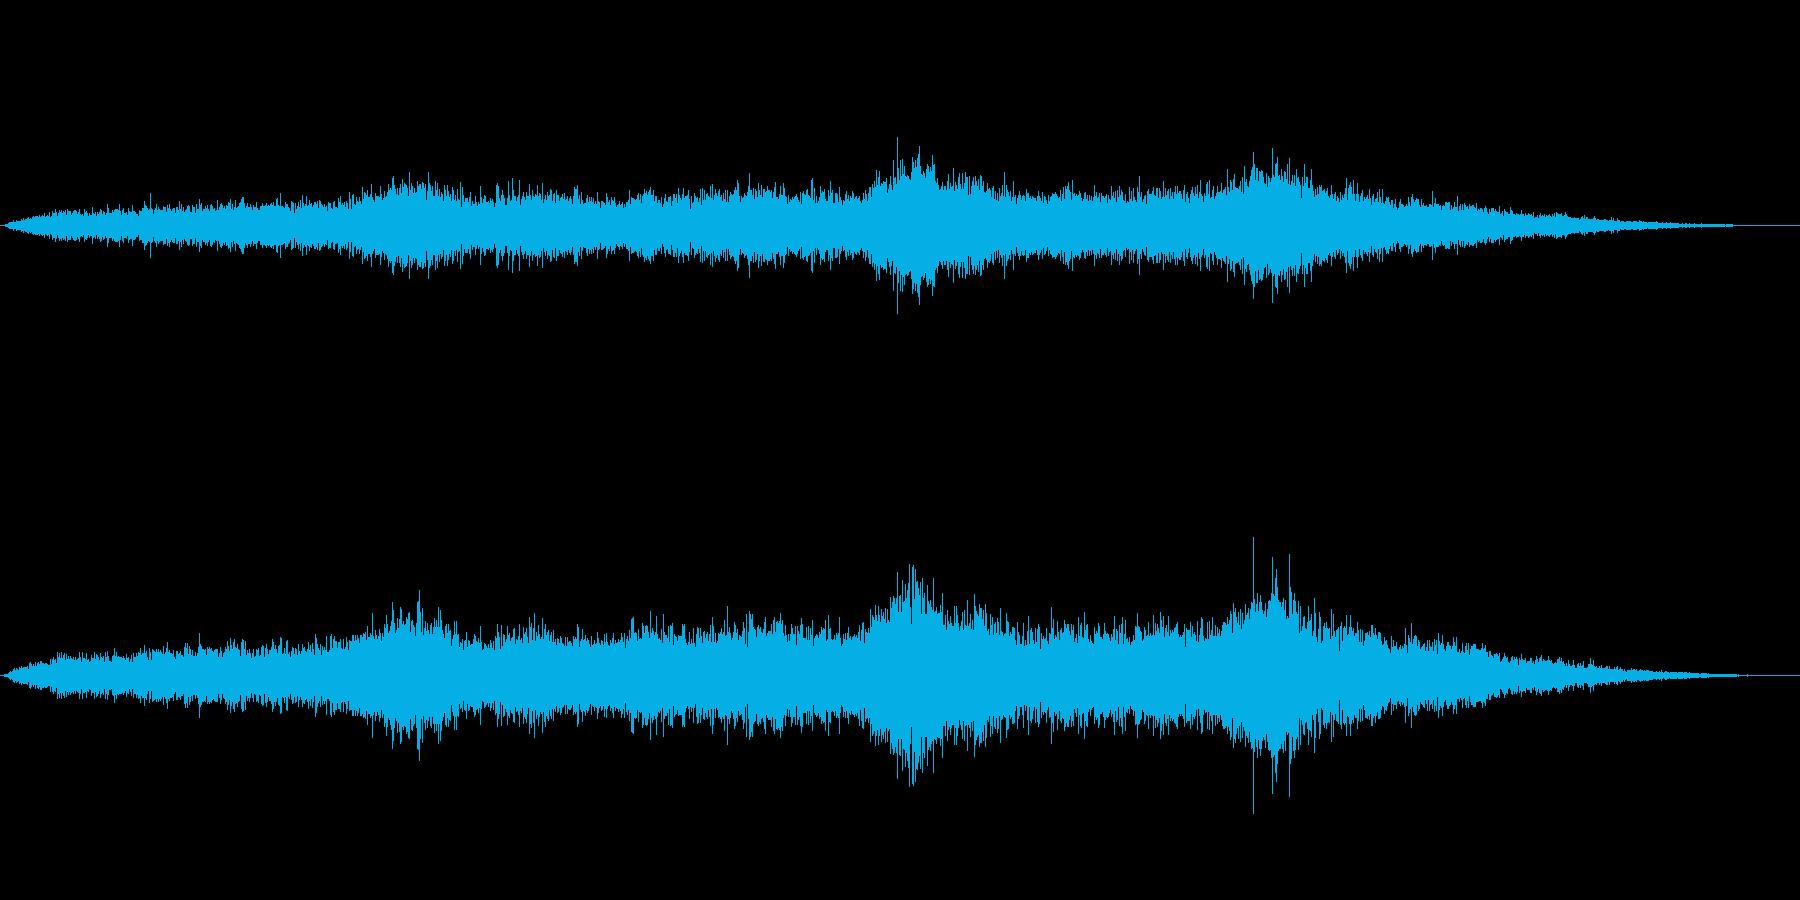 エスニックムード満載アンビエントな風音の再生済みの波形